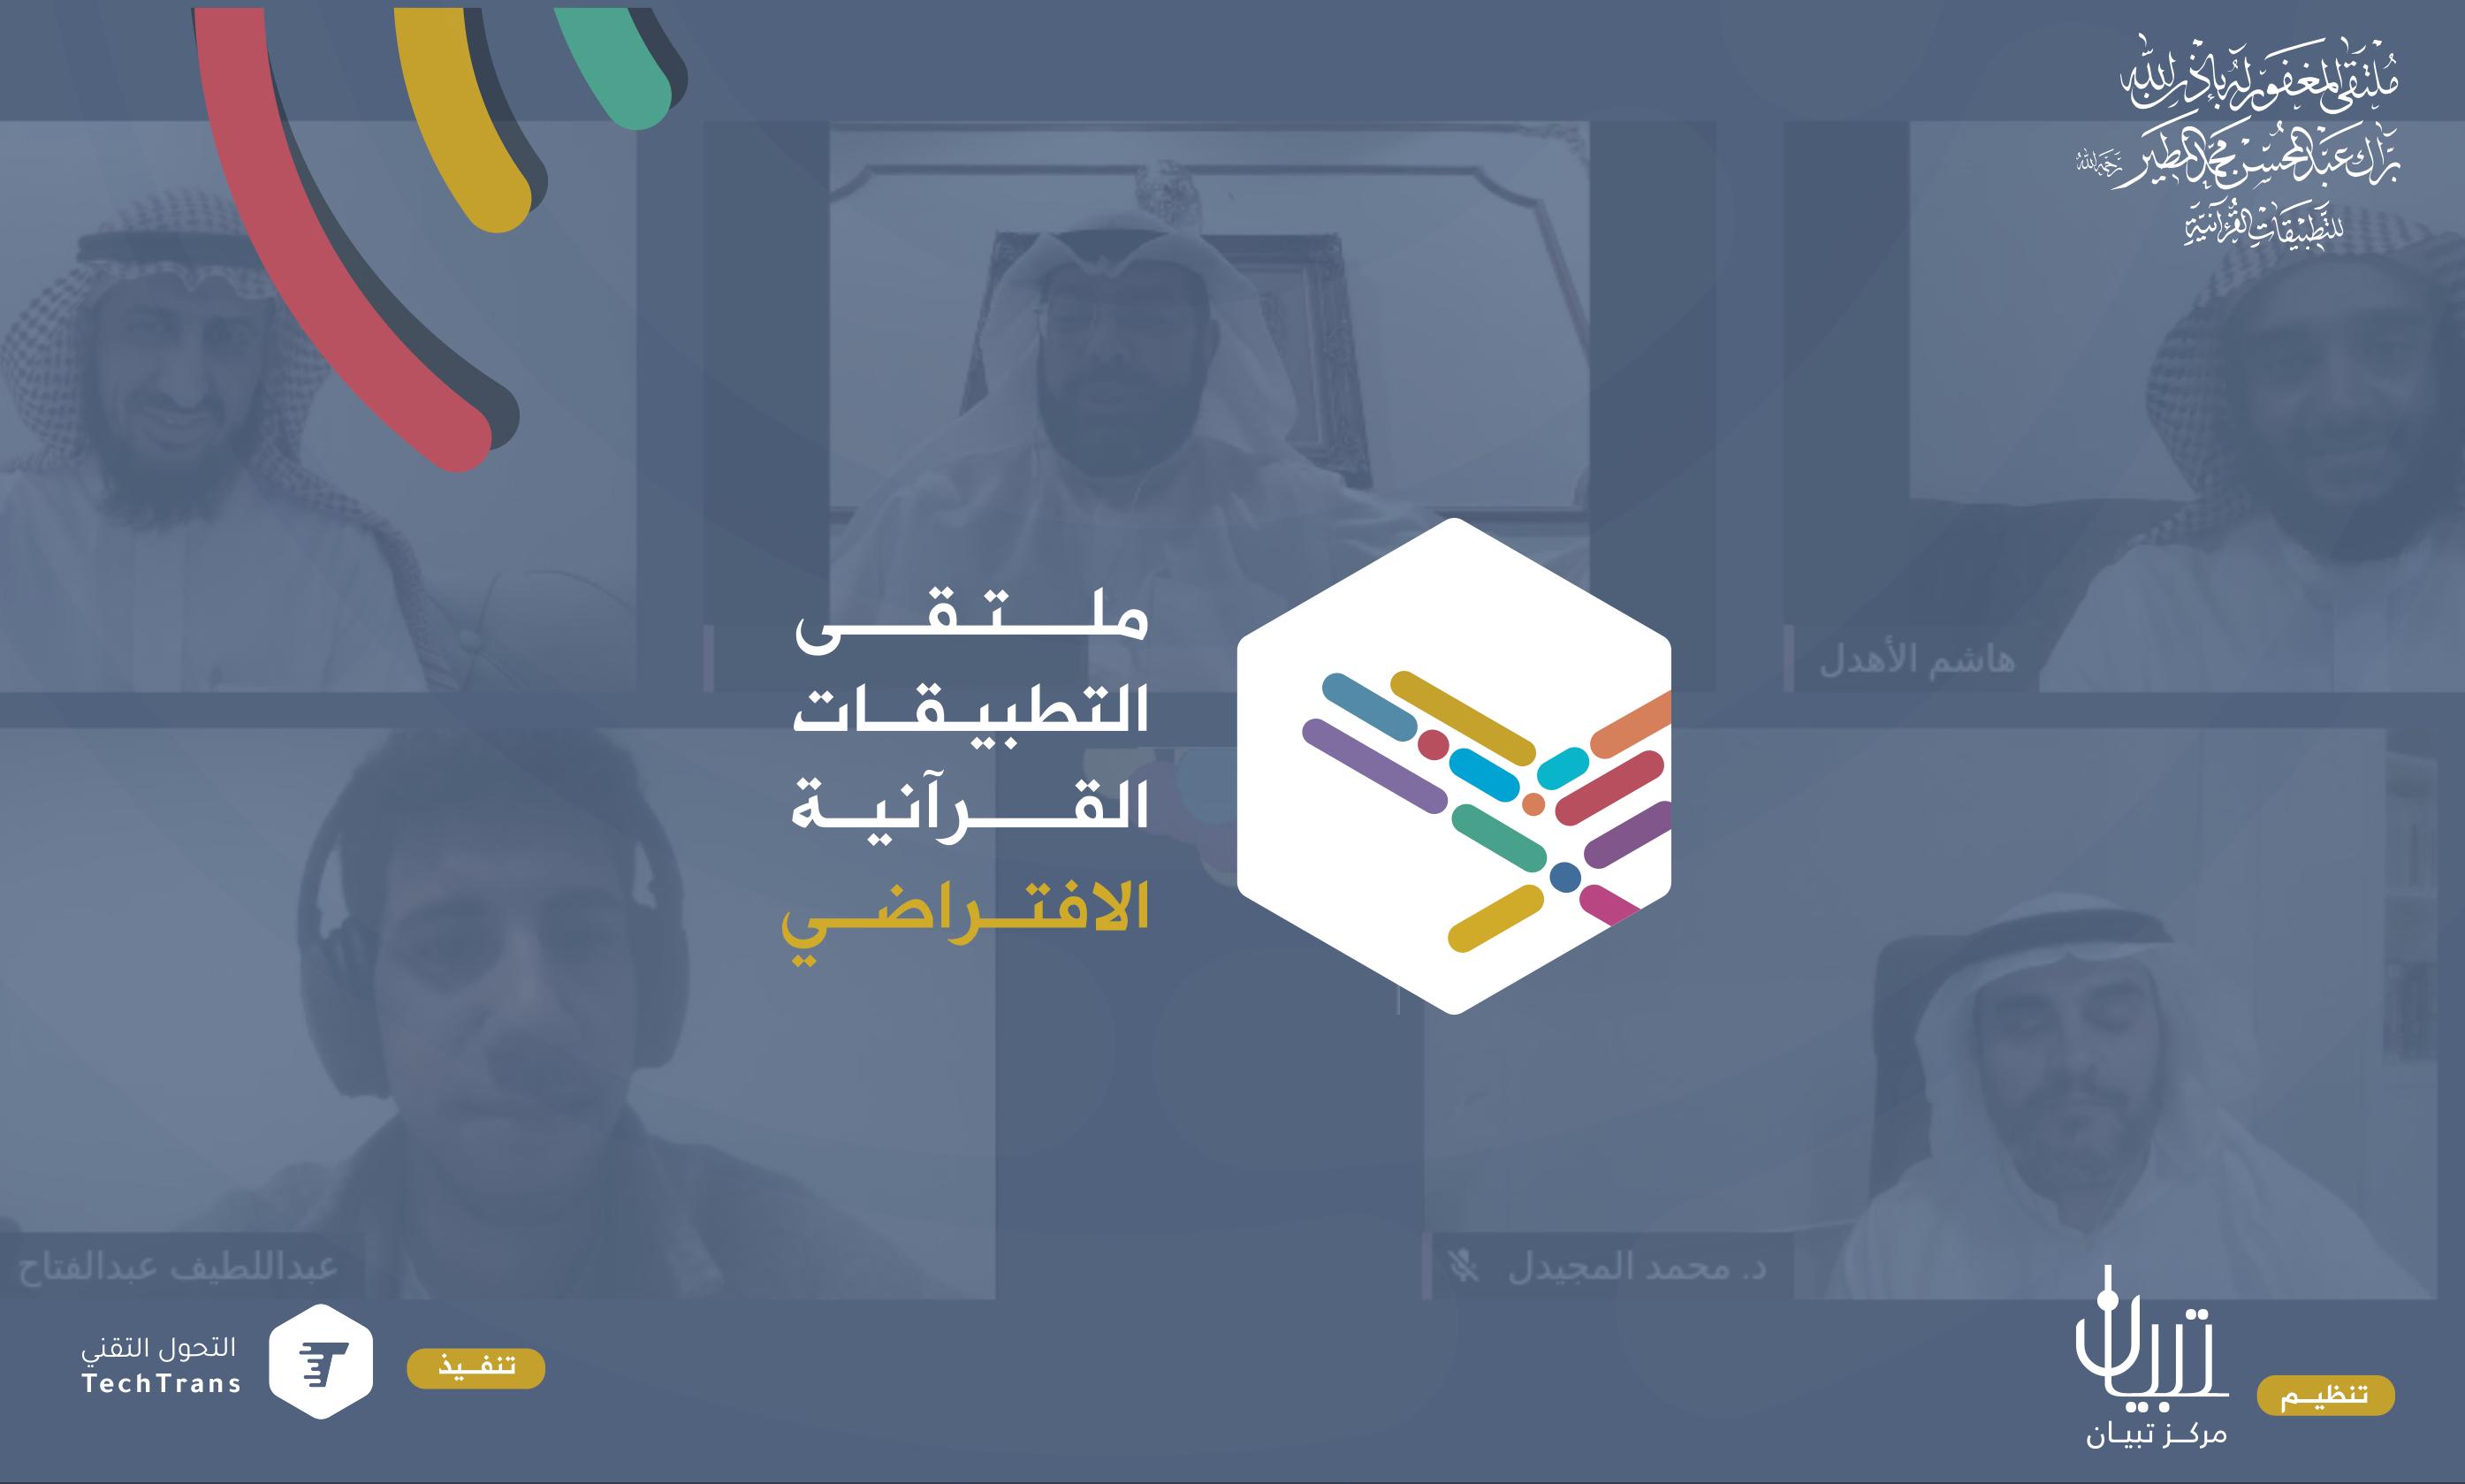 التحول التقني تنفذ ملتقى التطبيقات القرآنية الافتراضي